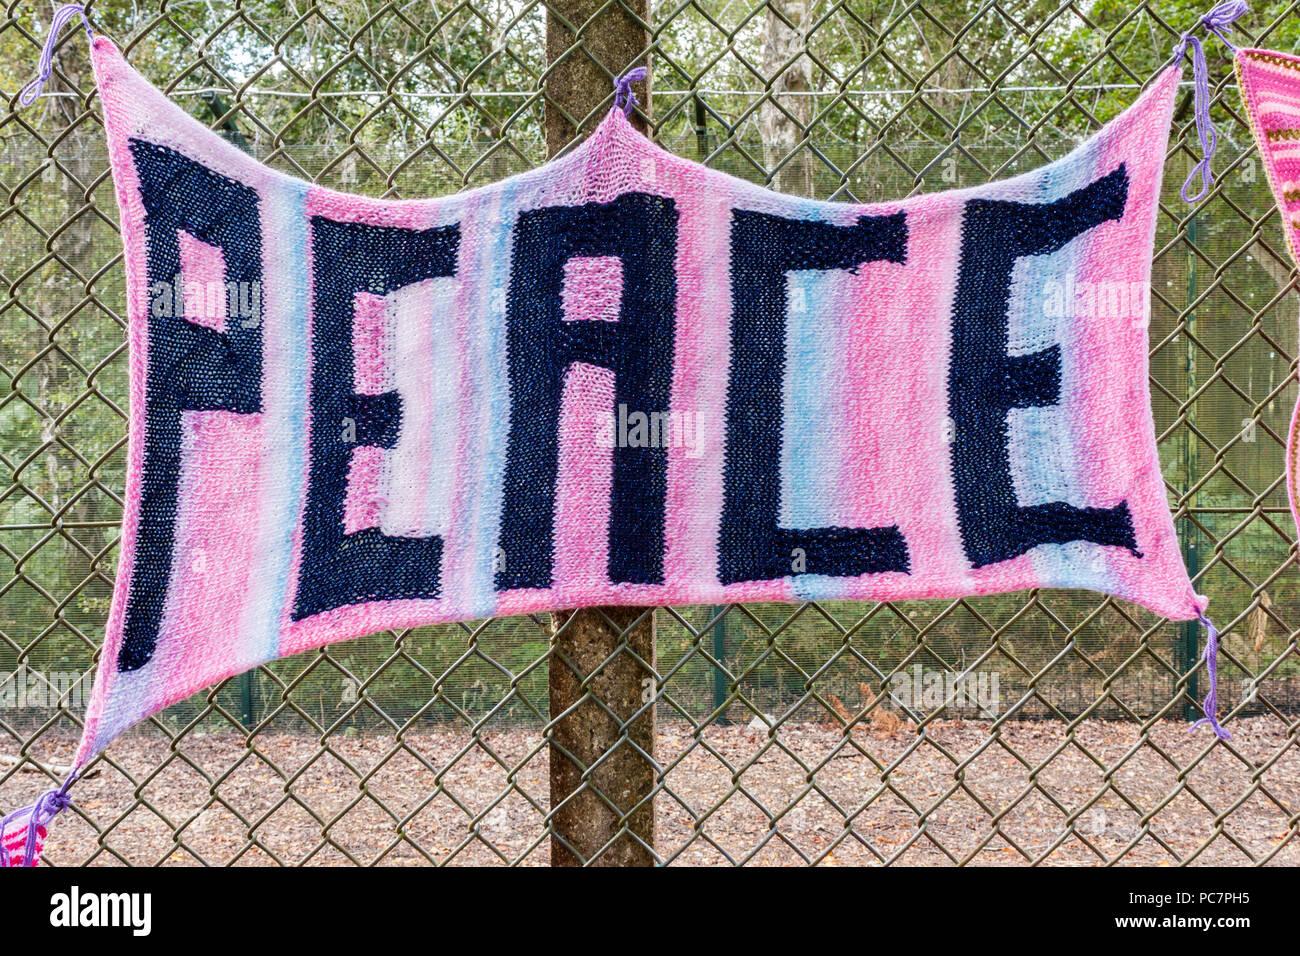 """Écharpe tricotée avec le mot """"paix"""" sur elle liée à une clôture sur le périmètre de l'Atomic Weapons Establishment à Aldermaston, Berkshire, England, GB. Photo Stock"""